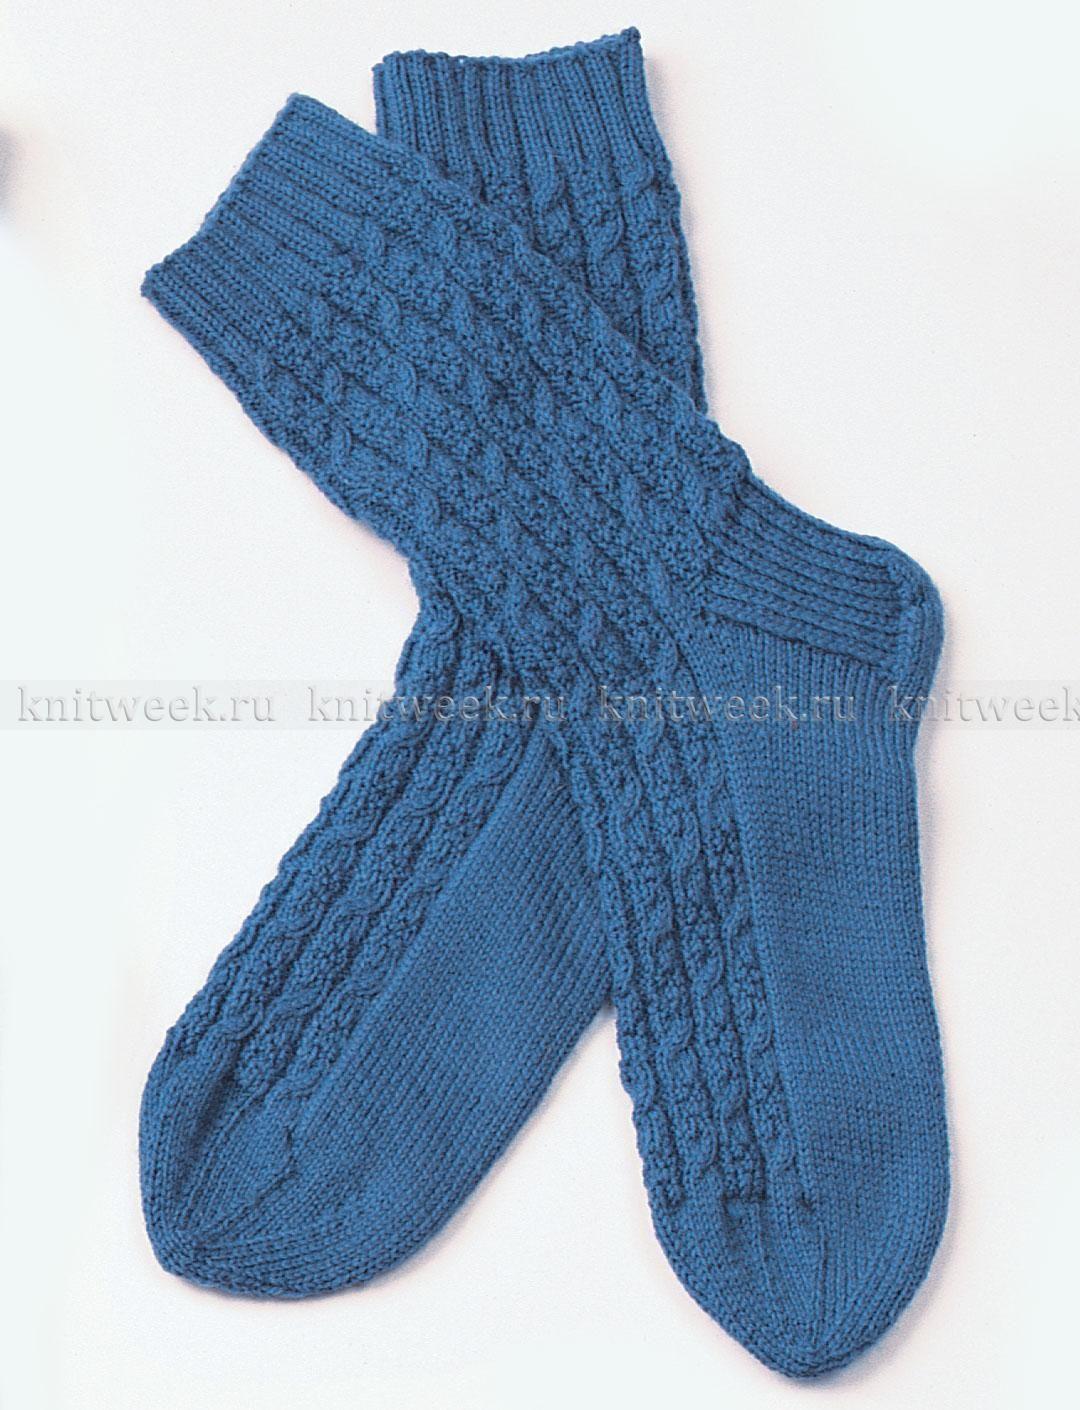 Носки с рельефным узором | носки,гетры и тапочки | Носки ...